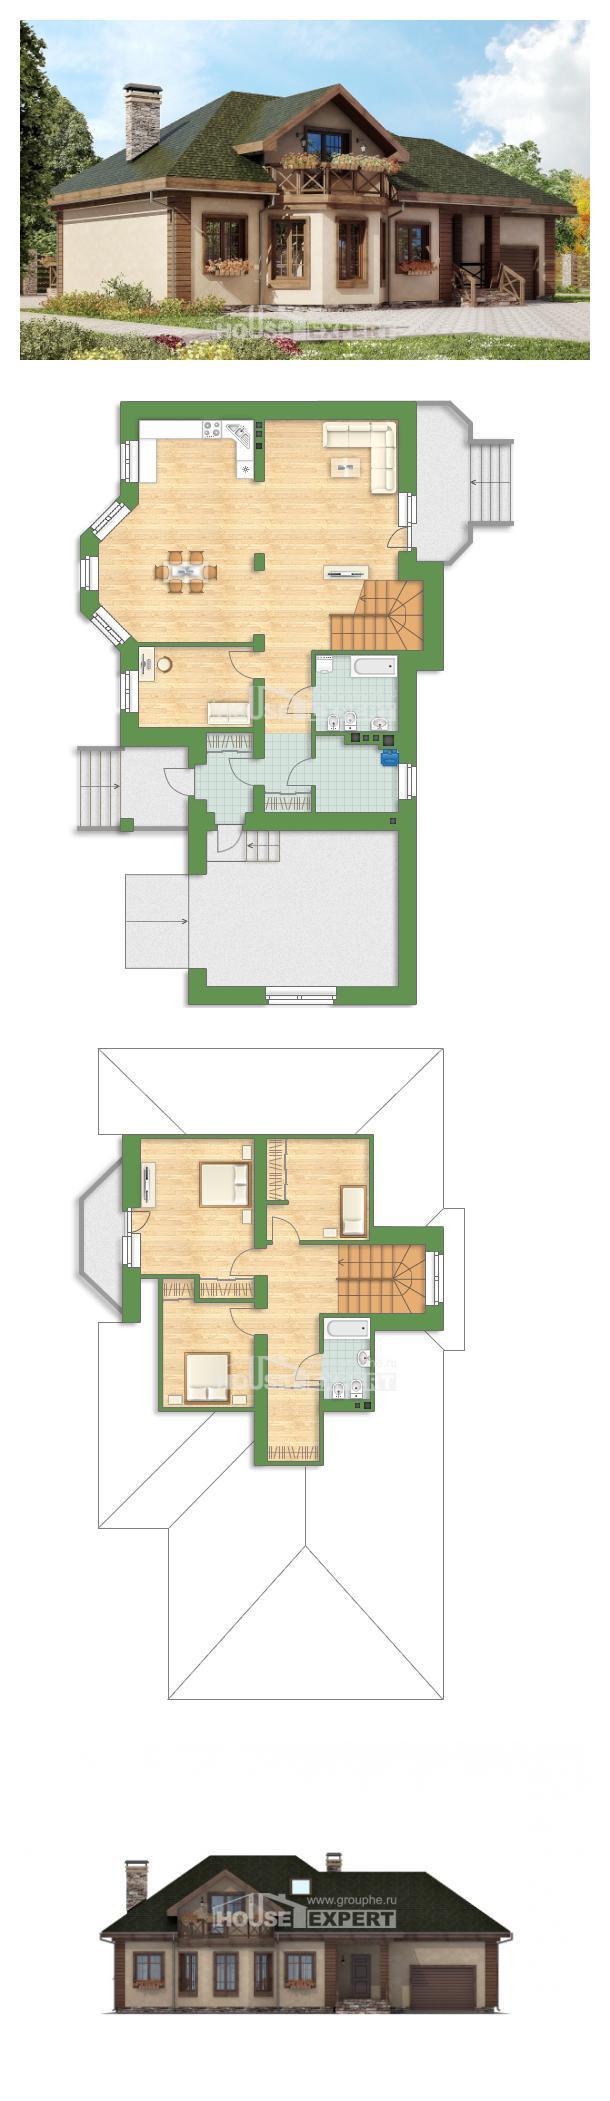 خطة البيت 180-010-R | House Expert